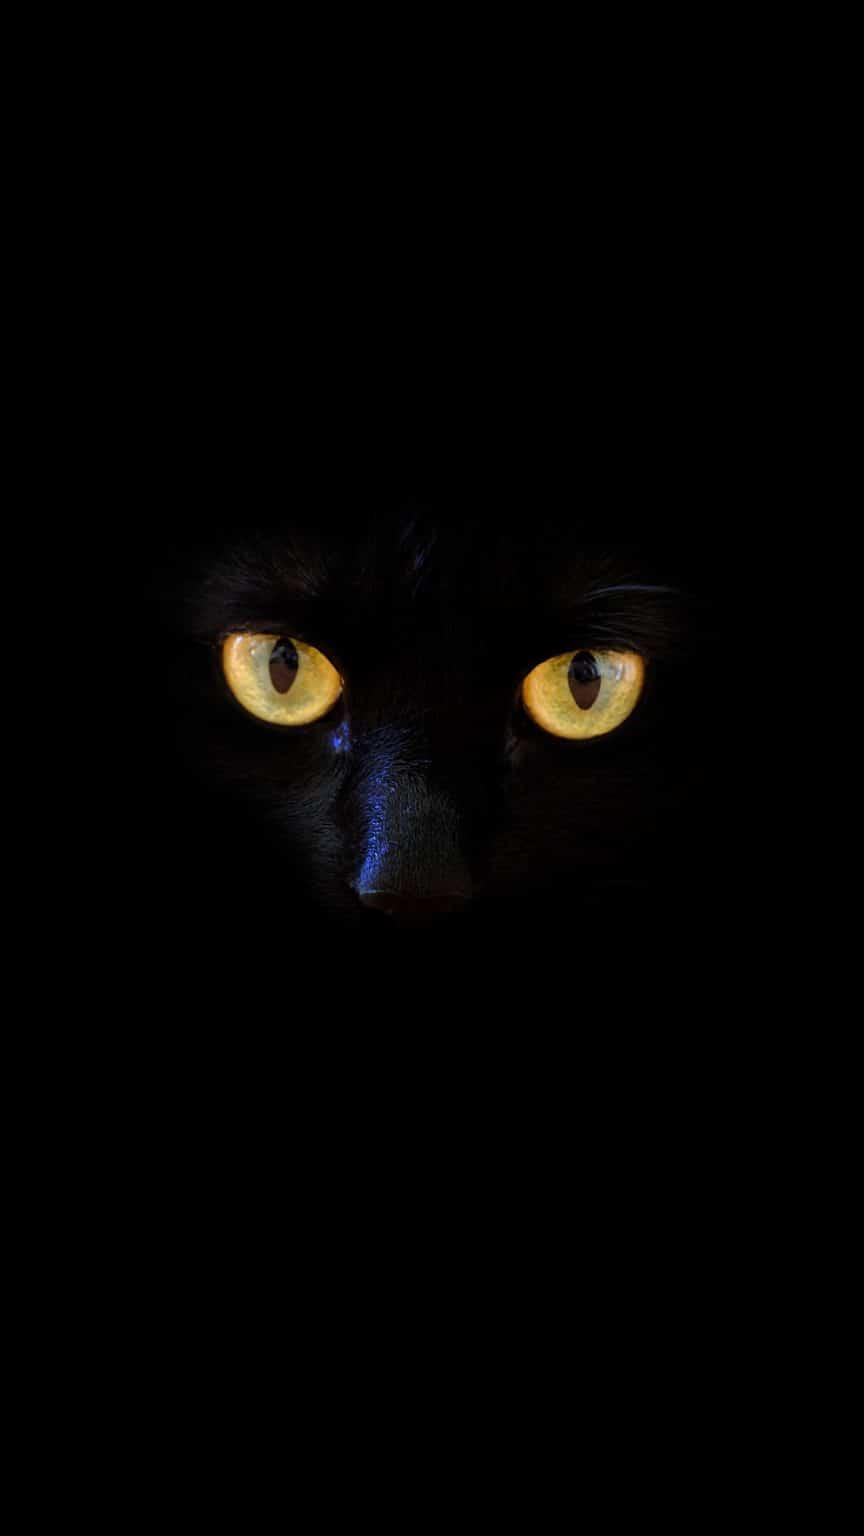 50 خلفية سوداء للايفون Cat Wallpaper Dog Wallpaper Cats